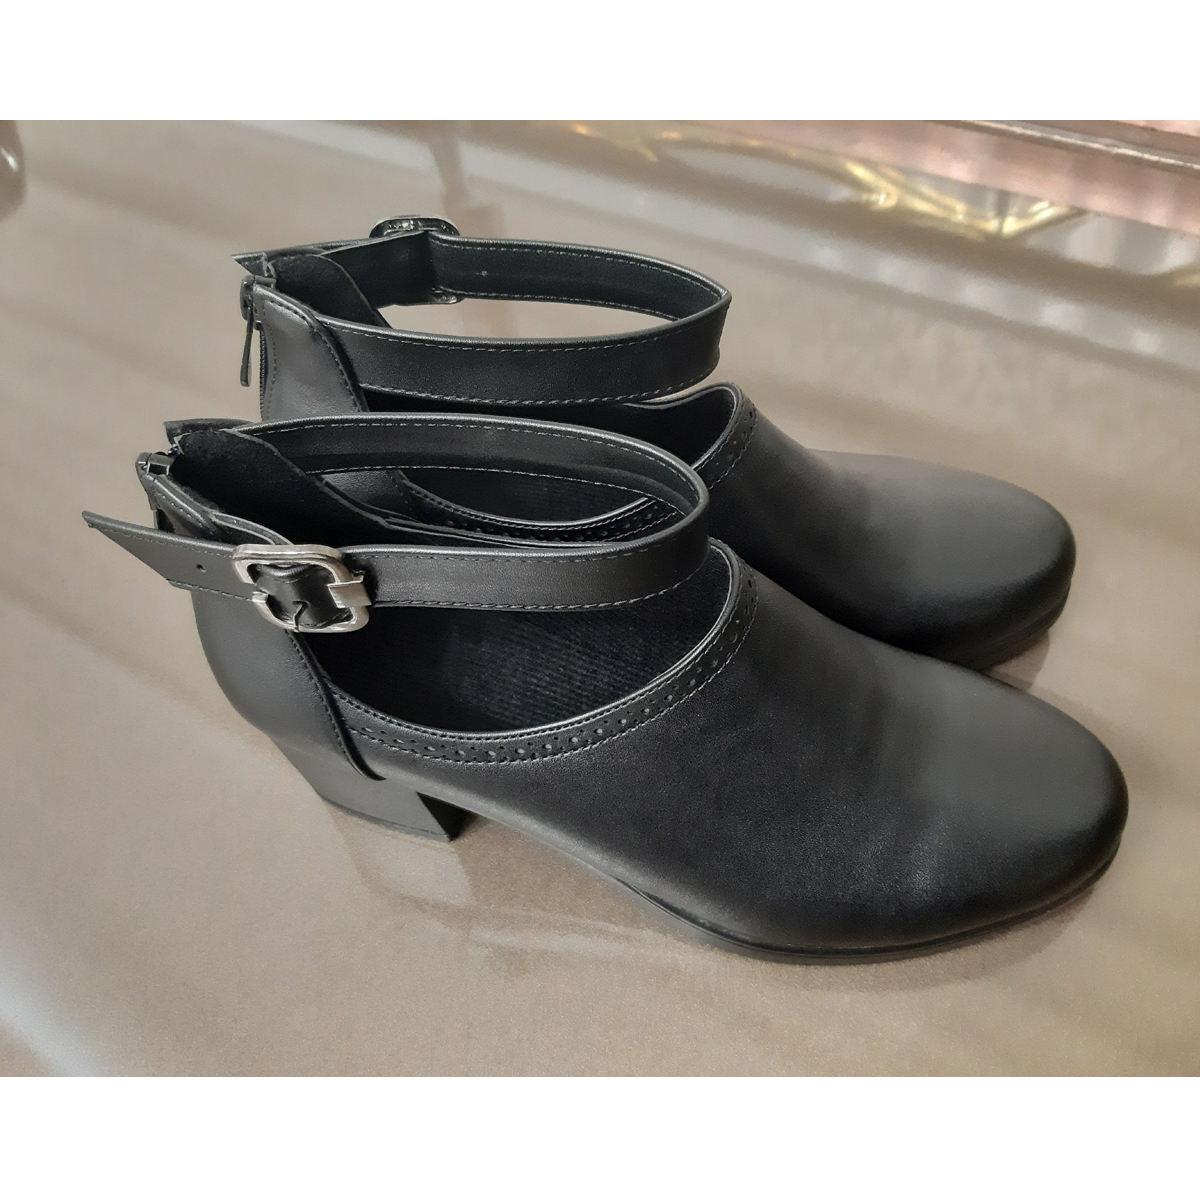 کفش زنانه مدل te65241 -  - 5